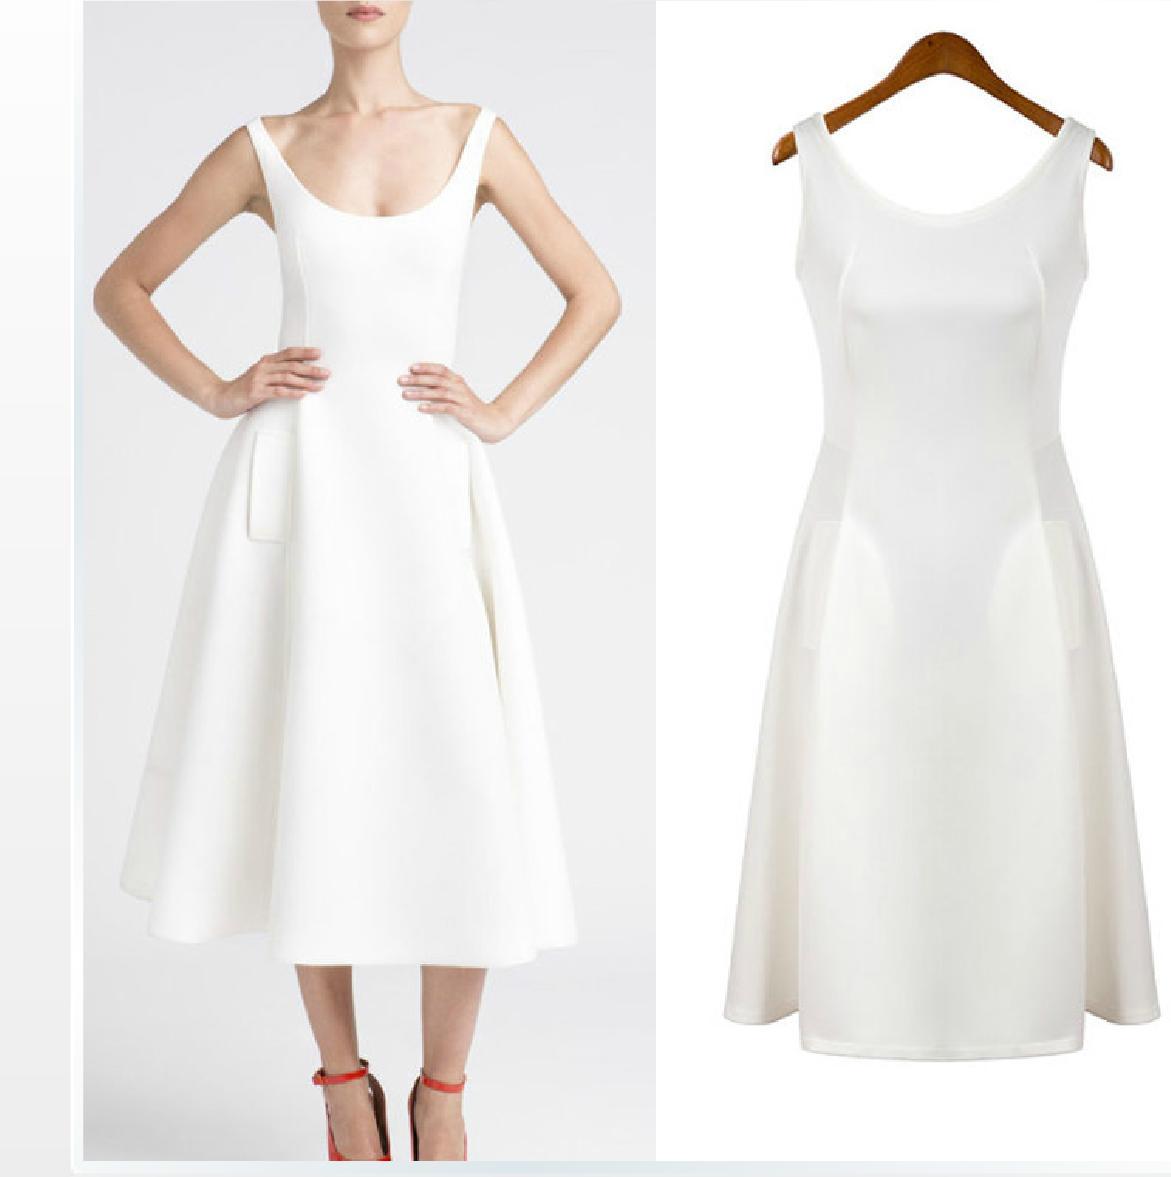 [พรีออเดอร์] ชุดเดรสผู้หญิงแฟชั่นยุโรปใหม่ สีขาว แขนกุด แบบเก๋ เท่ห์ -[Preorder] New European Fashion Slim Sleeveless Dress